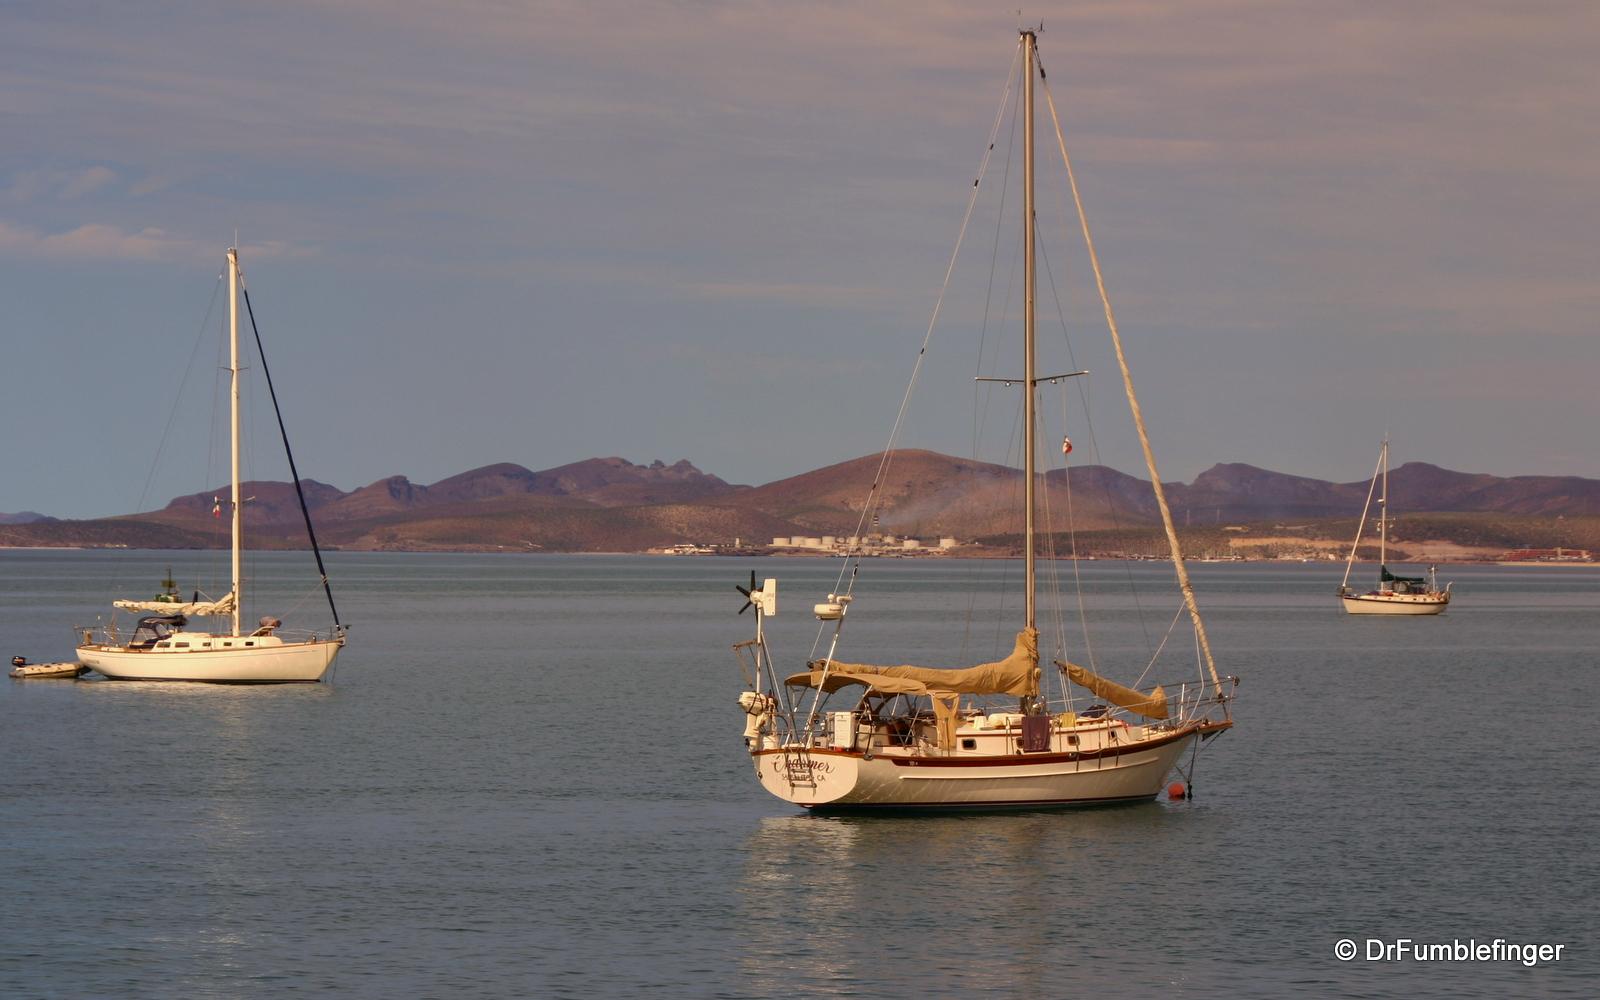 La Paz harbor